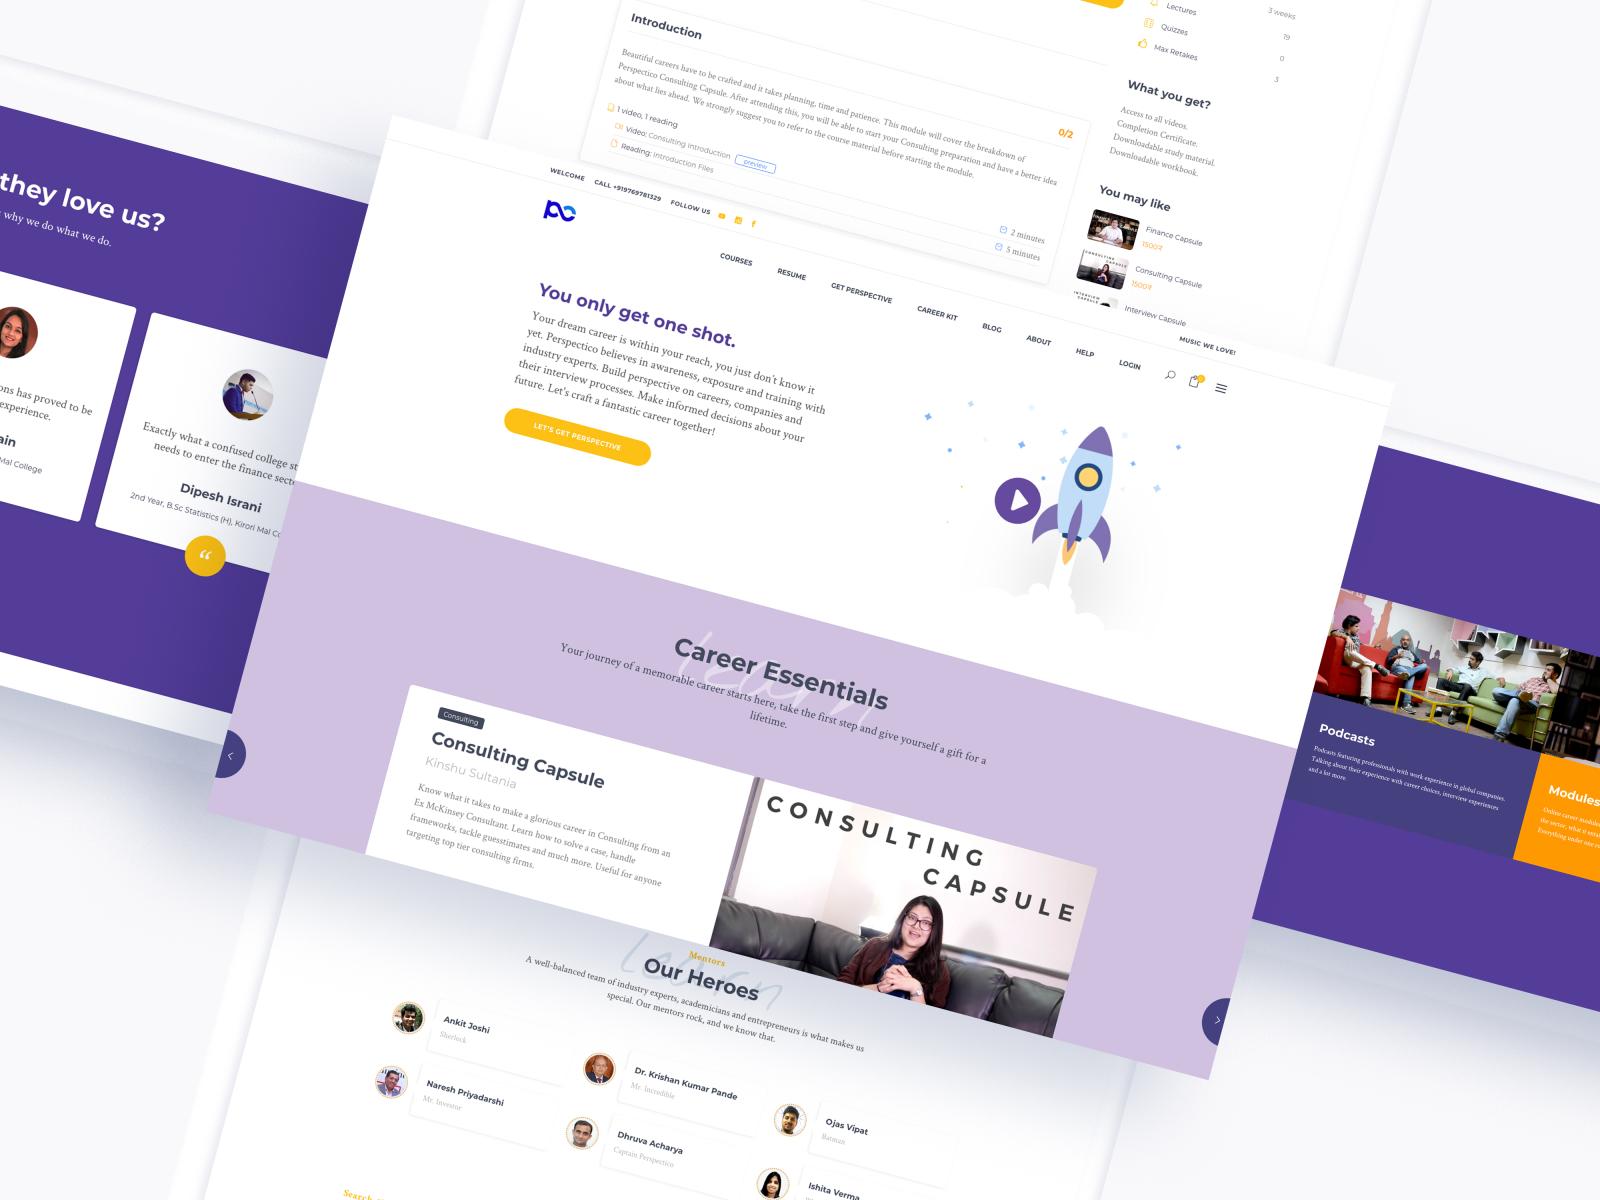 Online Learning Platform Web Design By Prateek Katyal On Dribbble